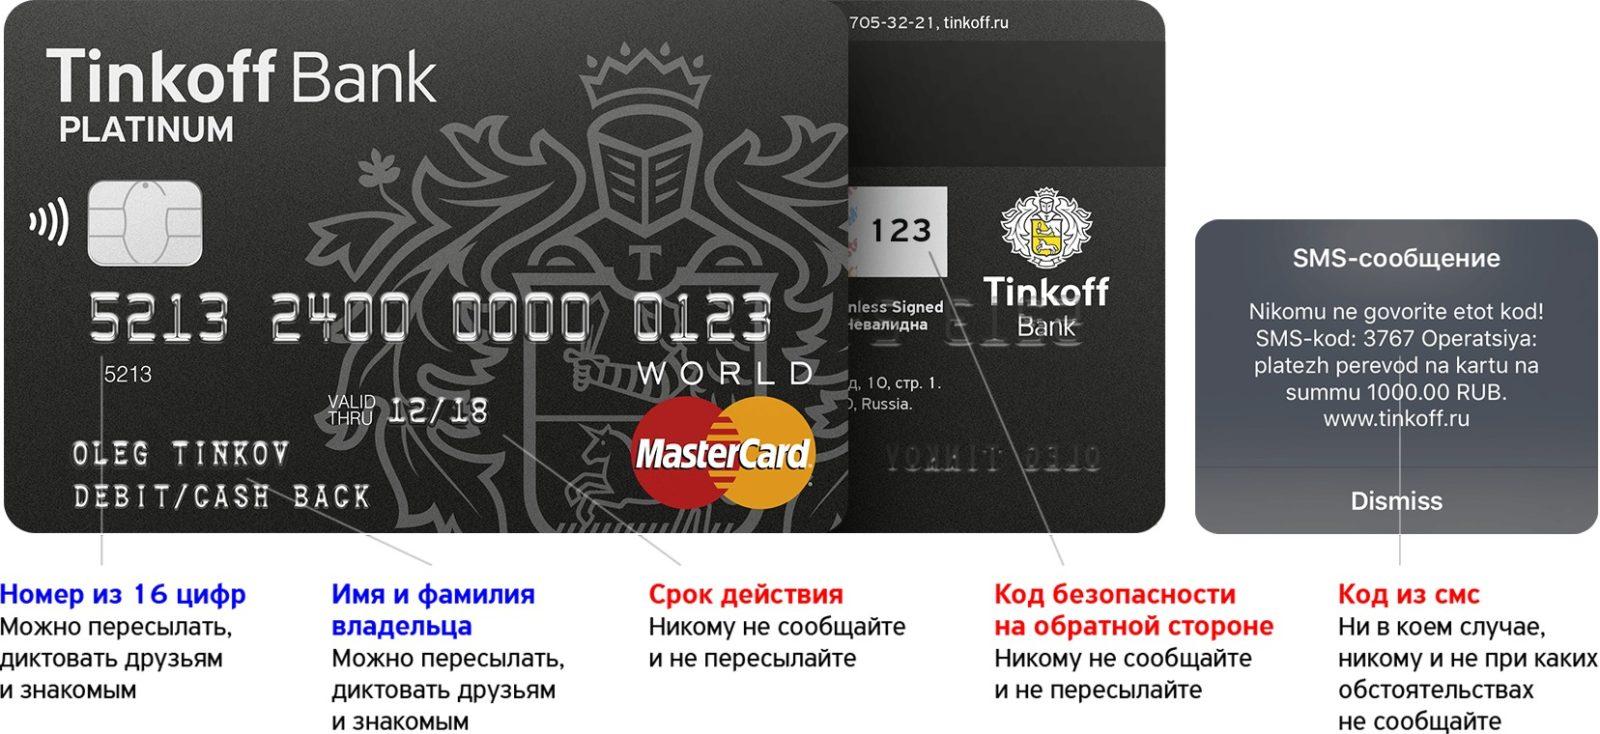 можно ли перевести деньги с карты сбербанка на карту другого банка без комиссии